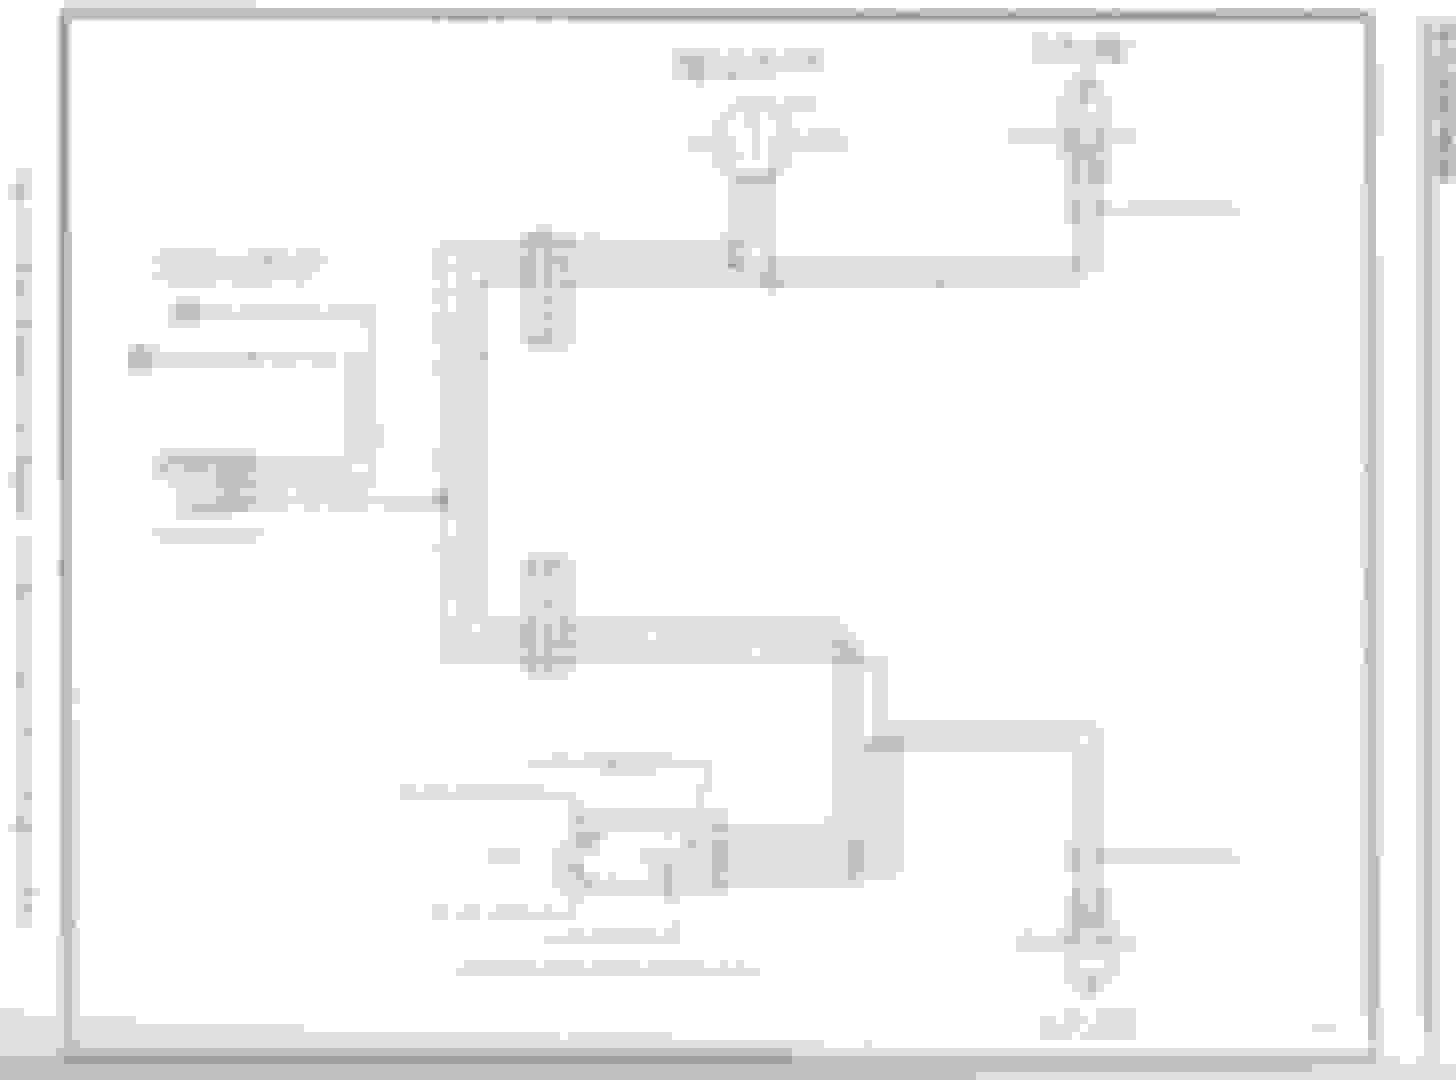 Wiring Diagram Cadillac Eldorado